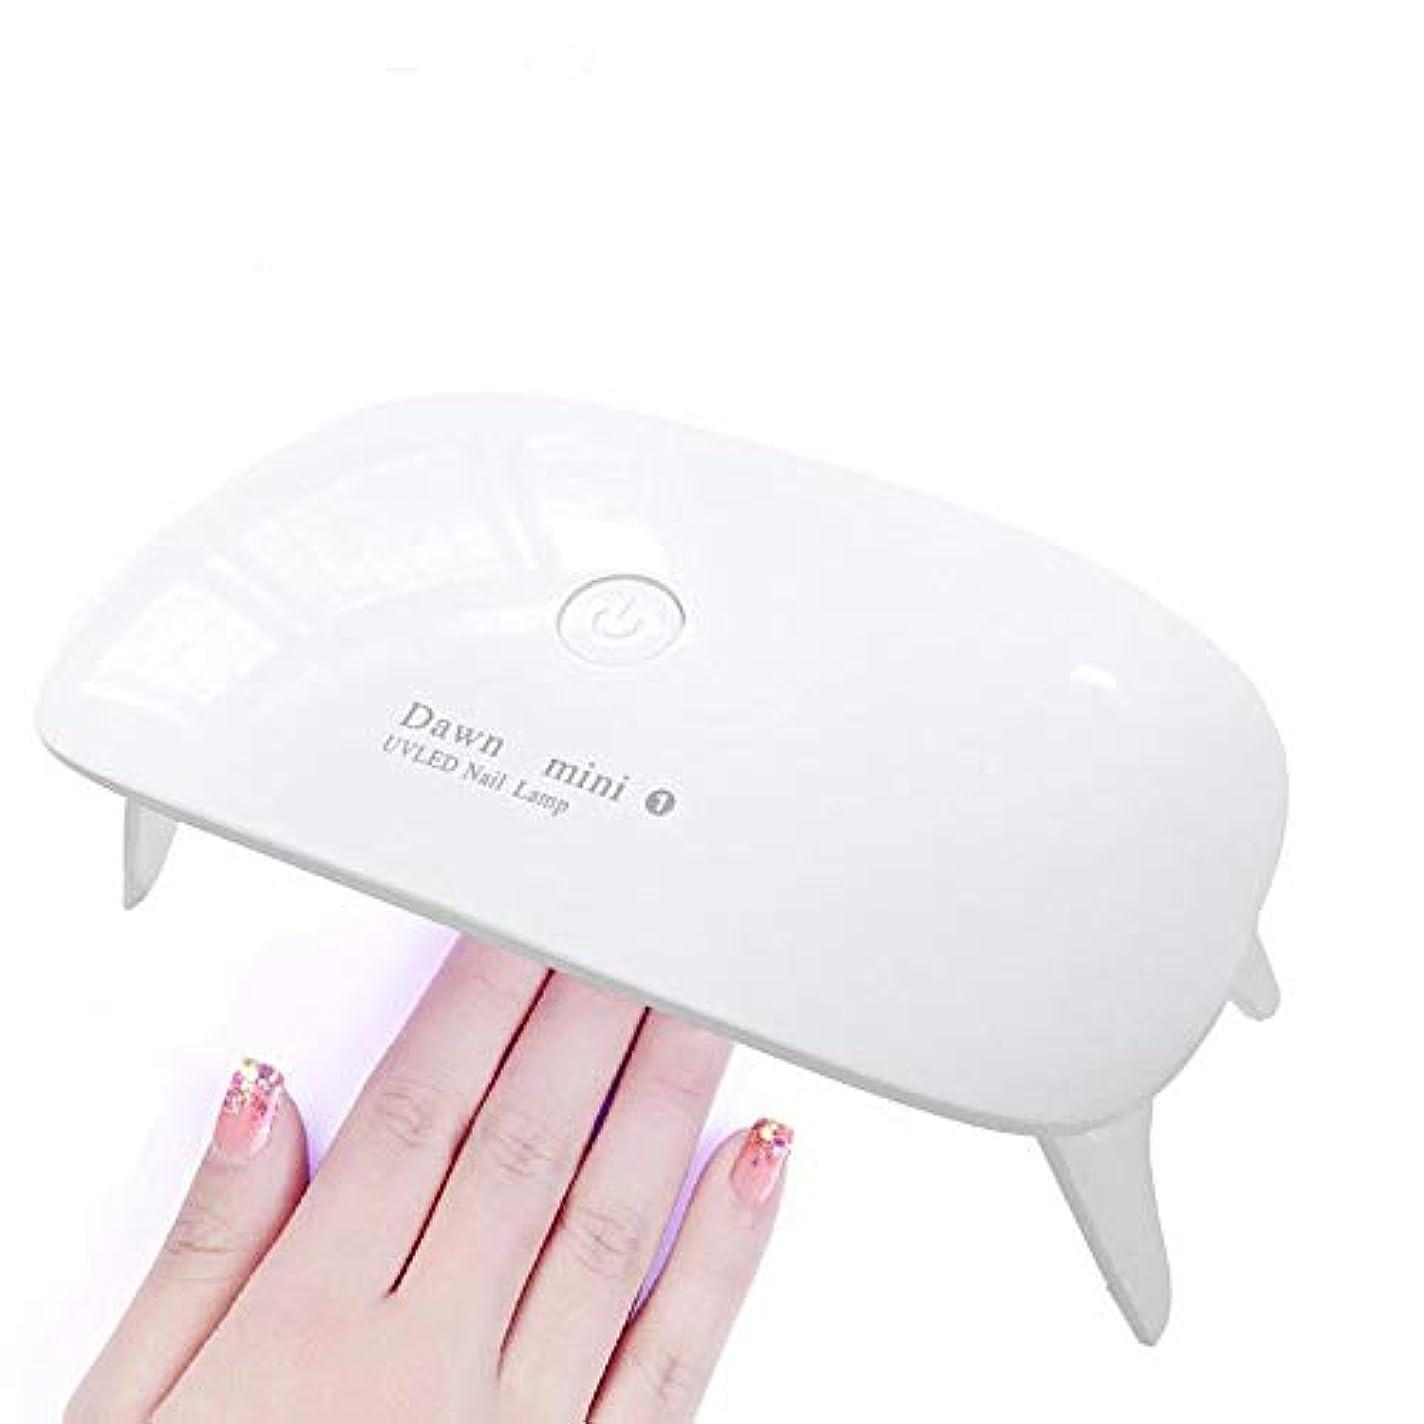 最初に落胆した魂LEDネイルドライヤー UVライト レジン用 硬化ライト タイマー設定可能 折りたたみ式手足とも使える UV と LEDダブルライト ジェルネイル と レジンクラフト用